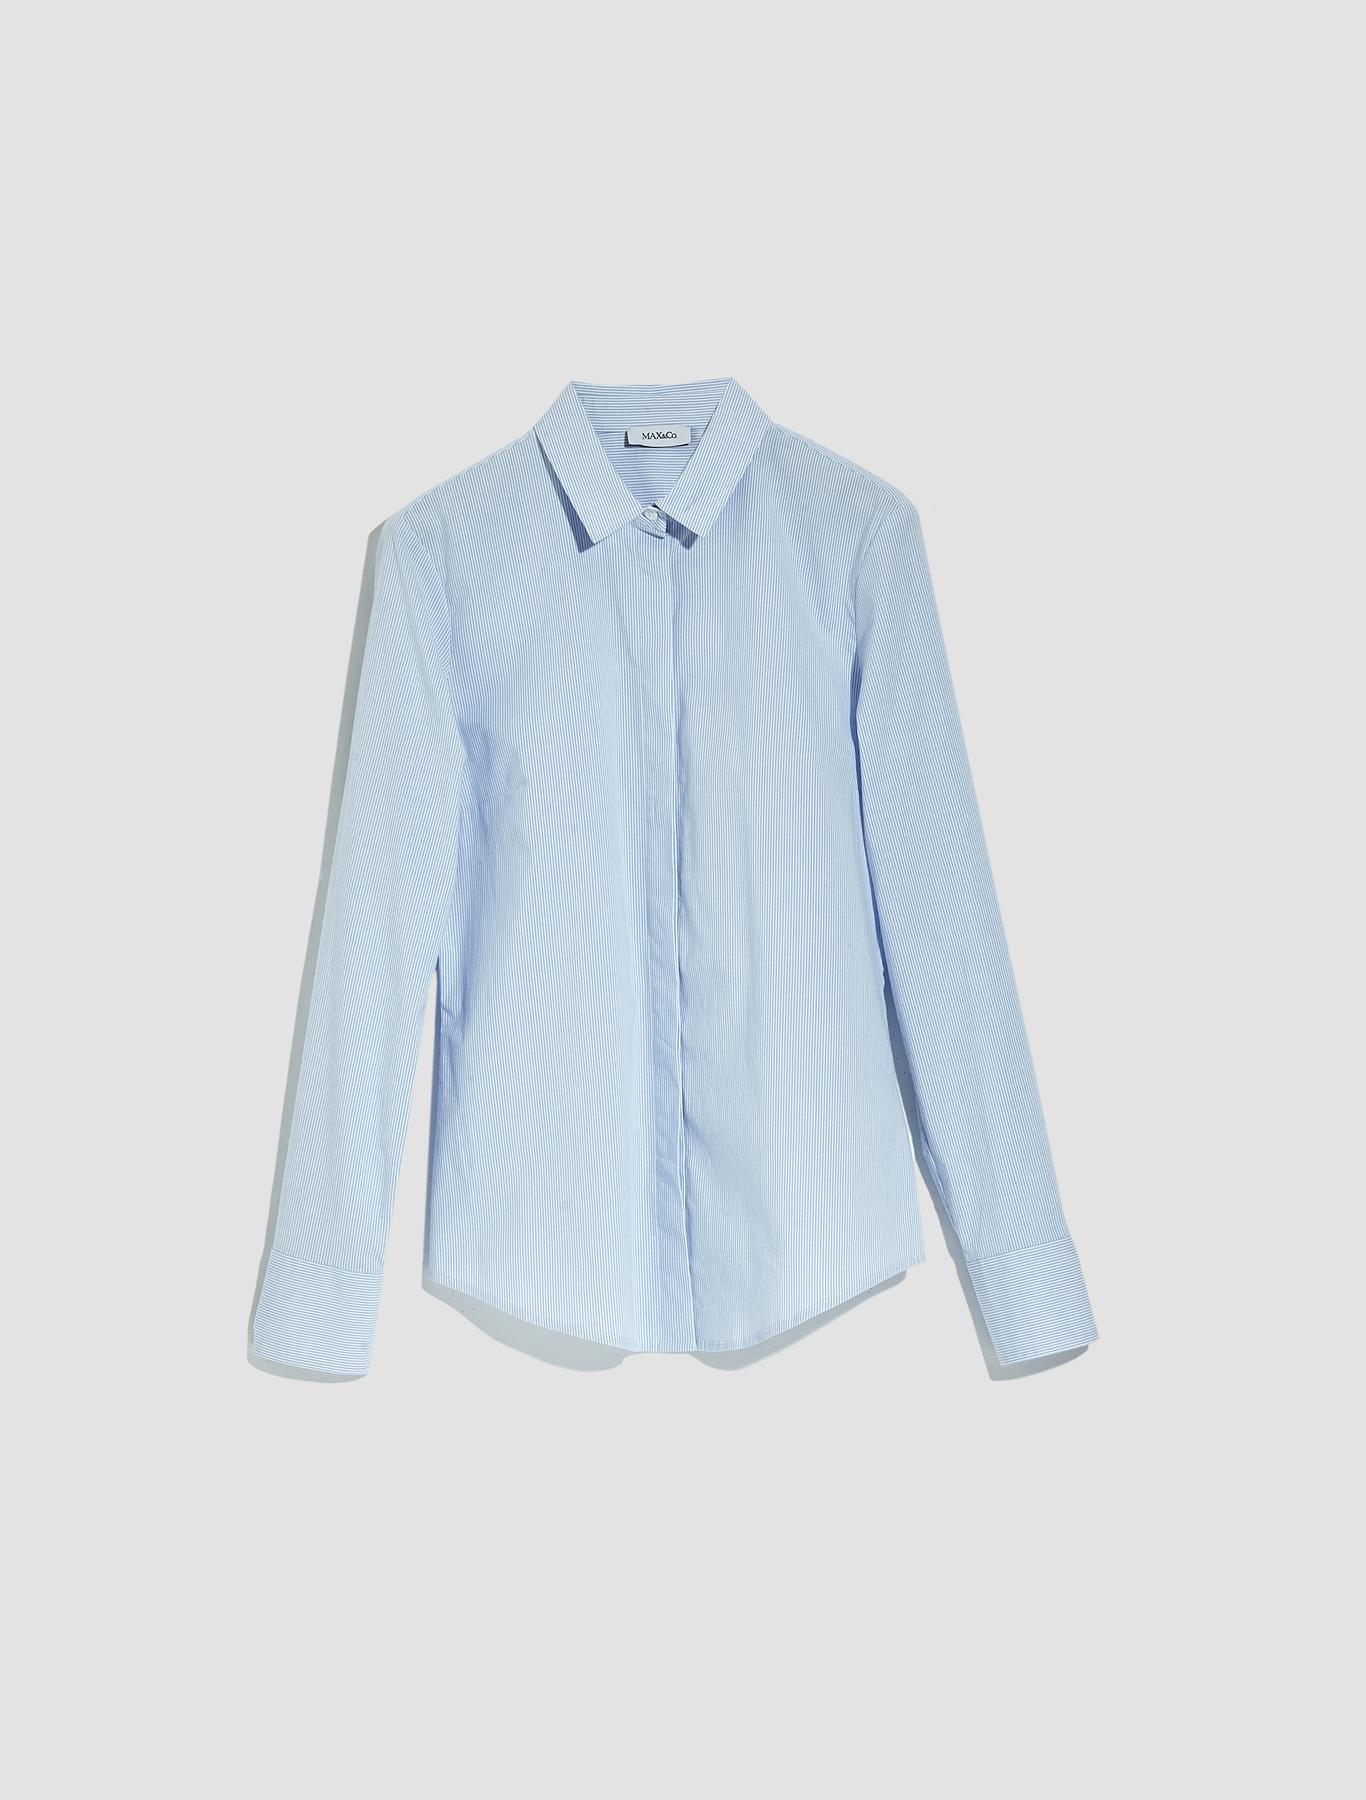 8efef17a Slim-fit cotton poplin shirt. €75.00. Colour: Sky Blue Pattern